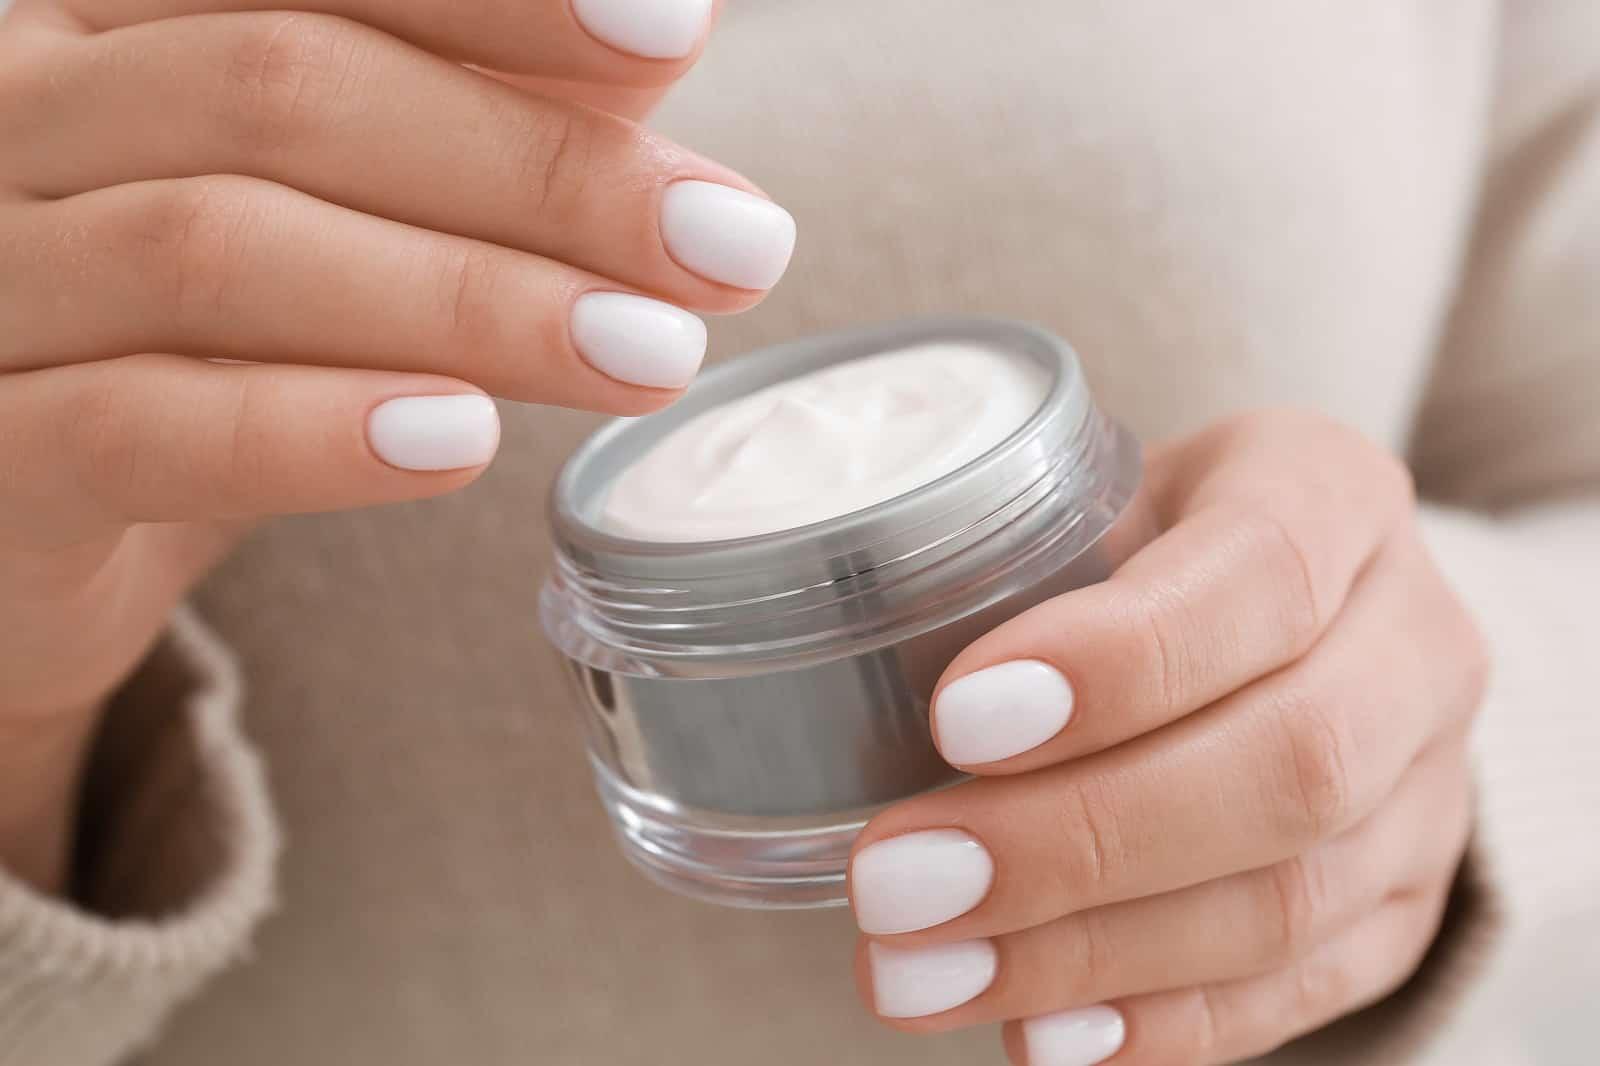 Kiedy powinno zacząć się używać kosmetyków przeciwzmarszczkowych i czy warto sięgać po te z oznaczeniem wieku?